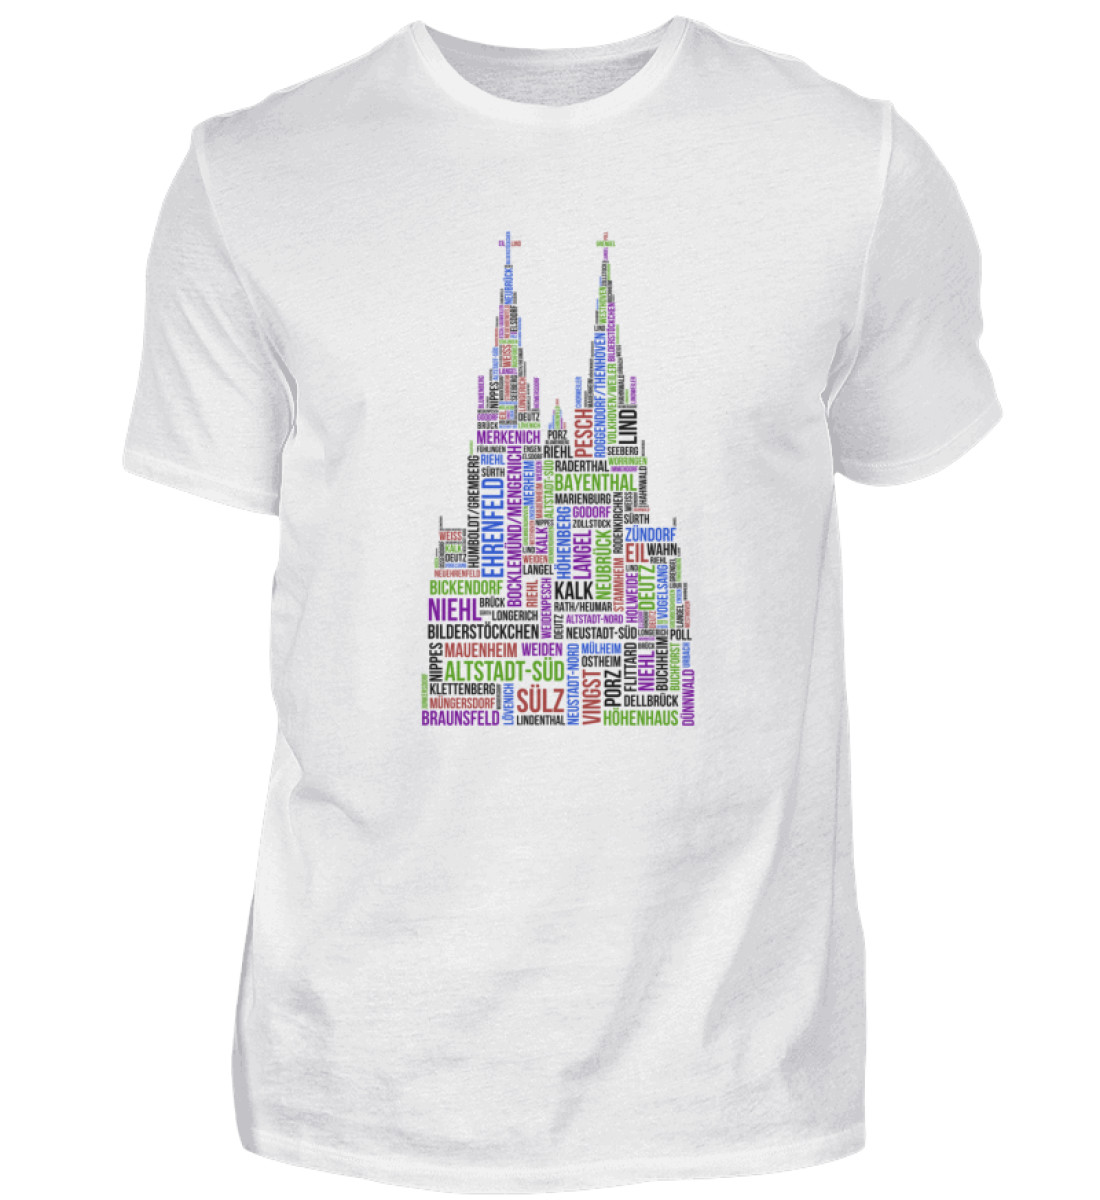 86 Veedel bunt T-Shirt - Herren - Herren Shirt-3